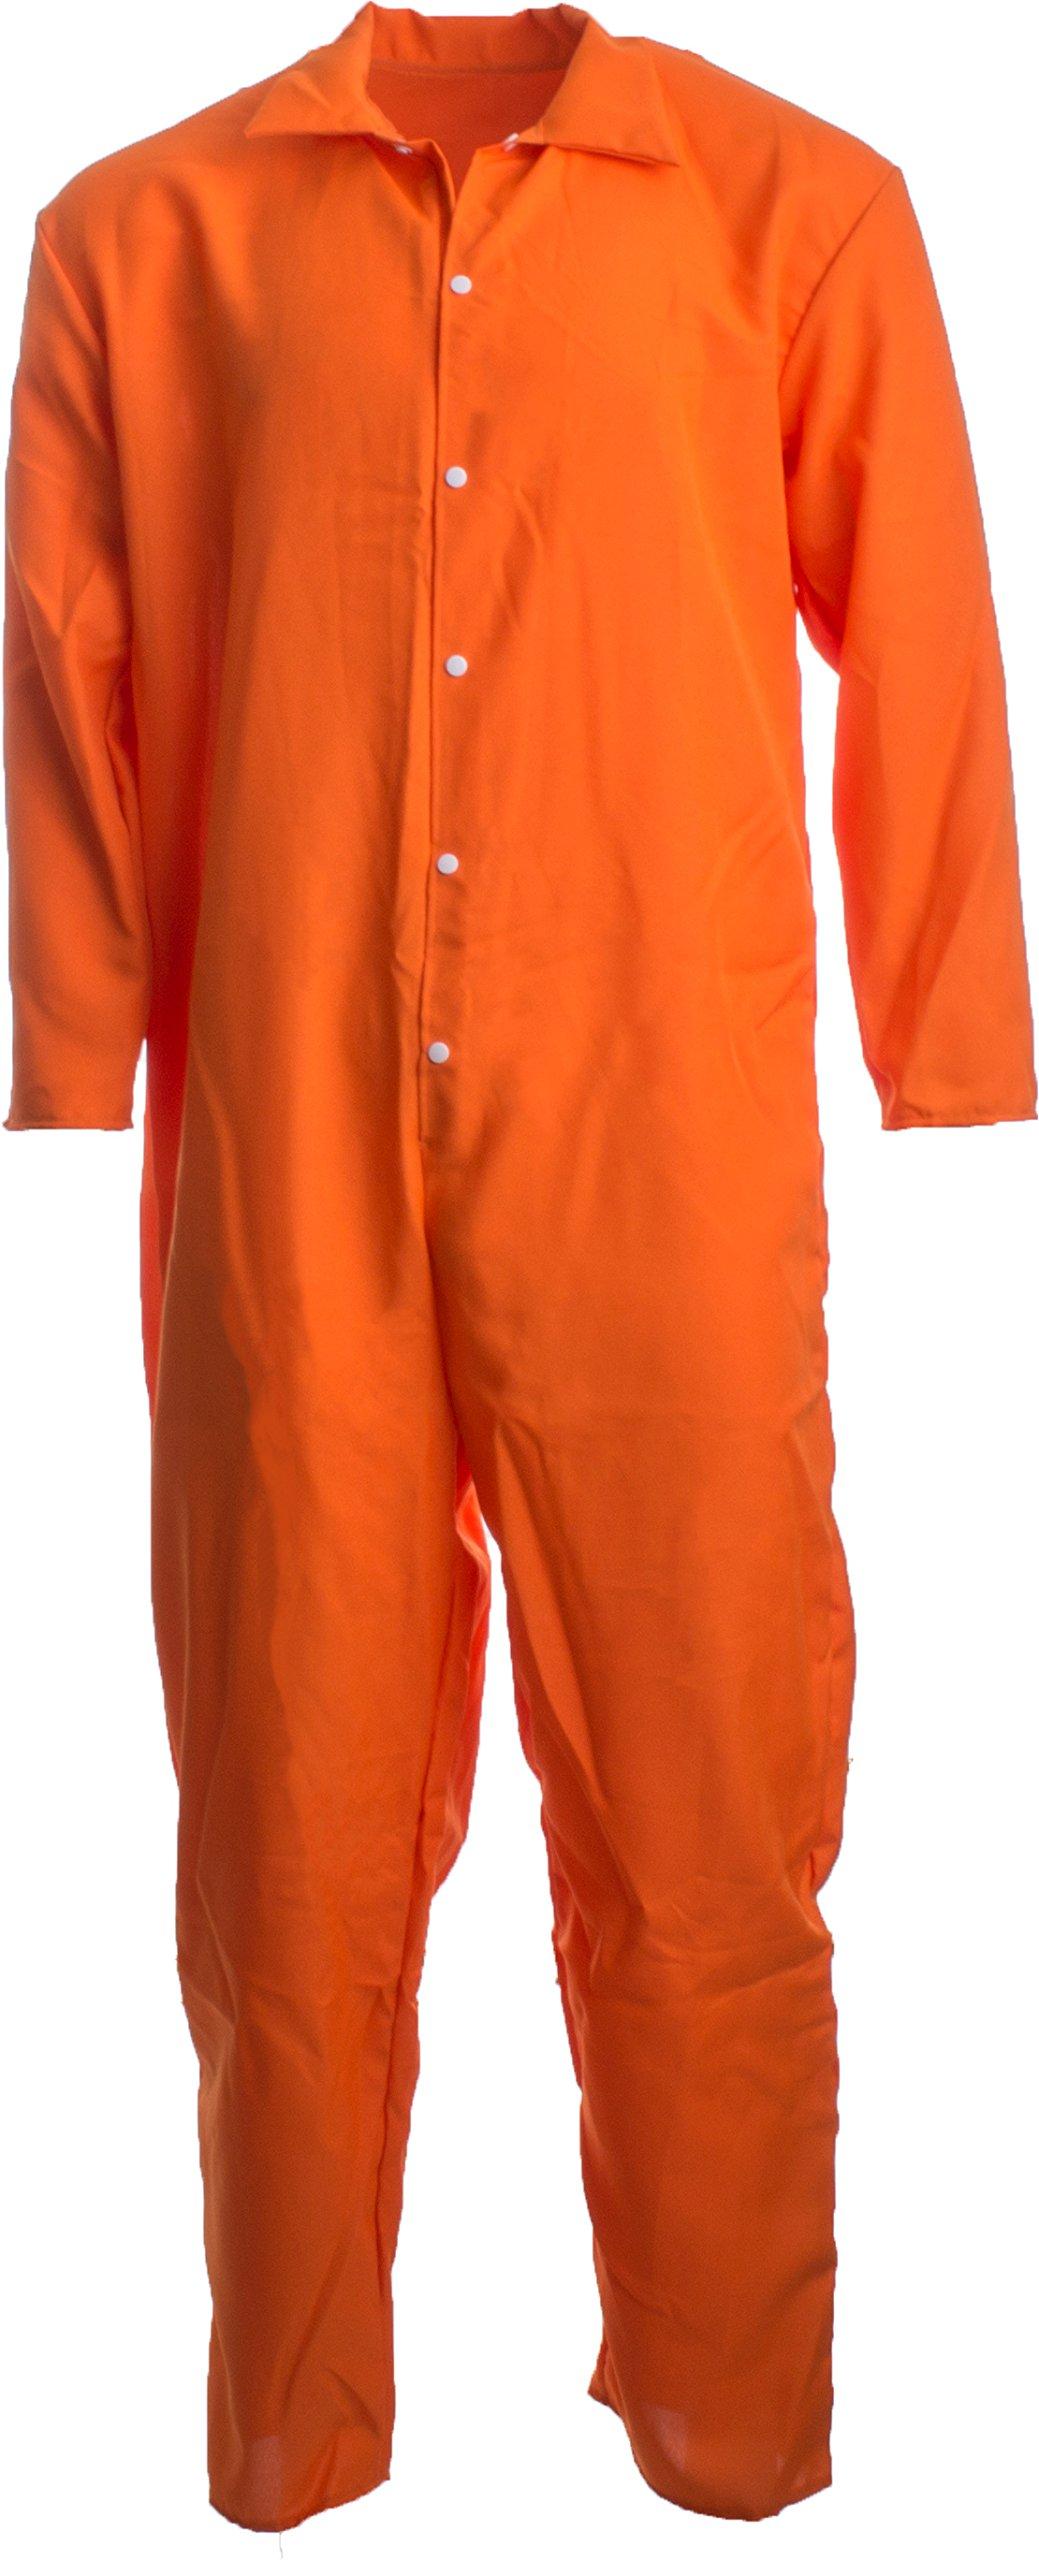 Ann Arbor T Shirt Co Prisoner Jumpsuit Orange Prison